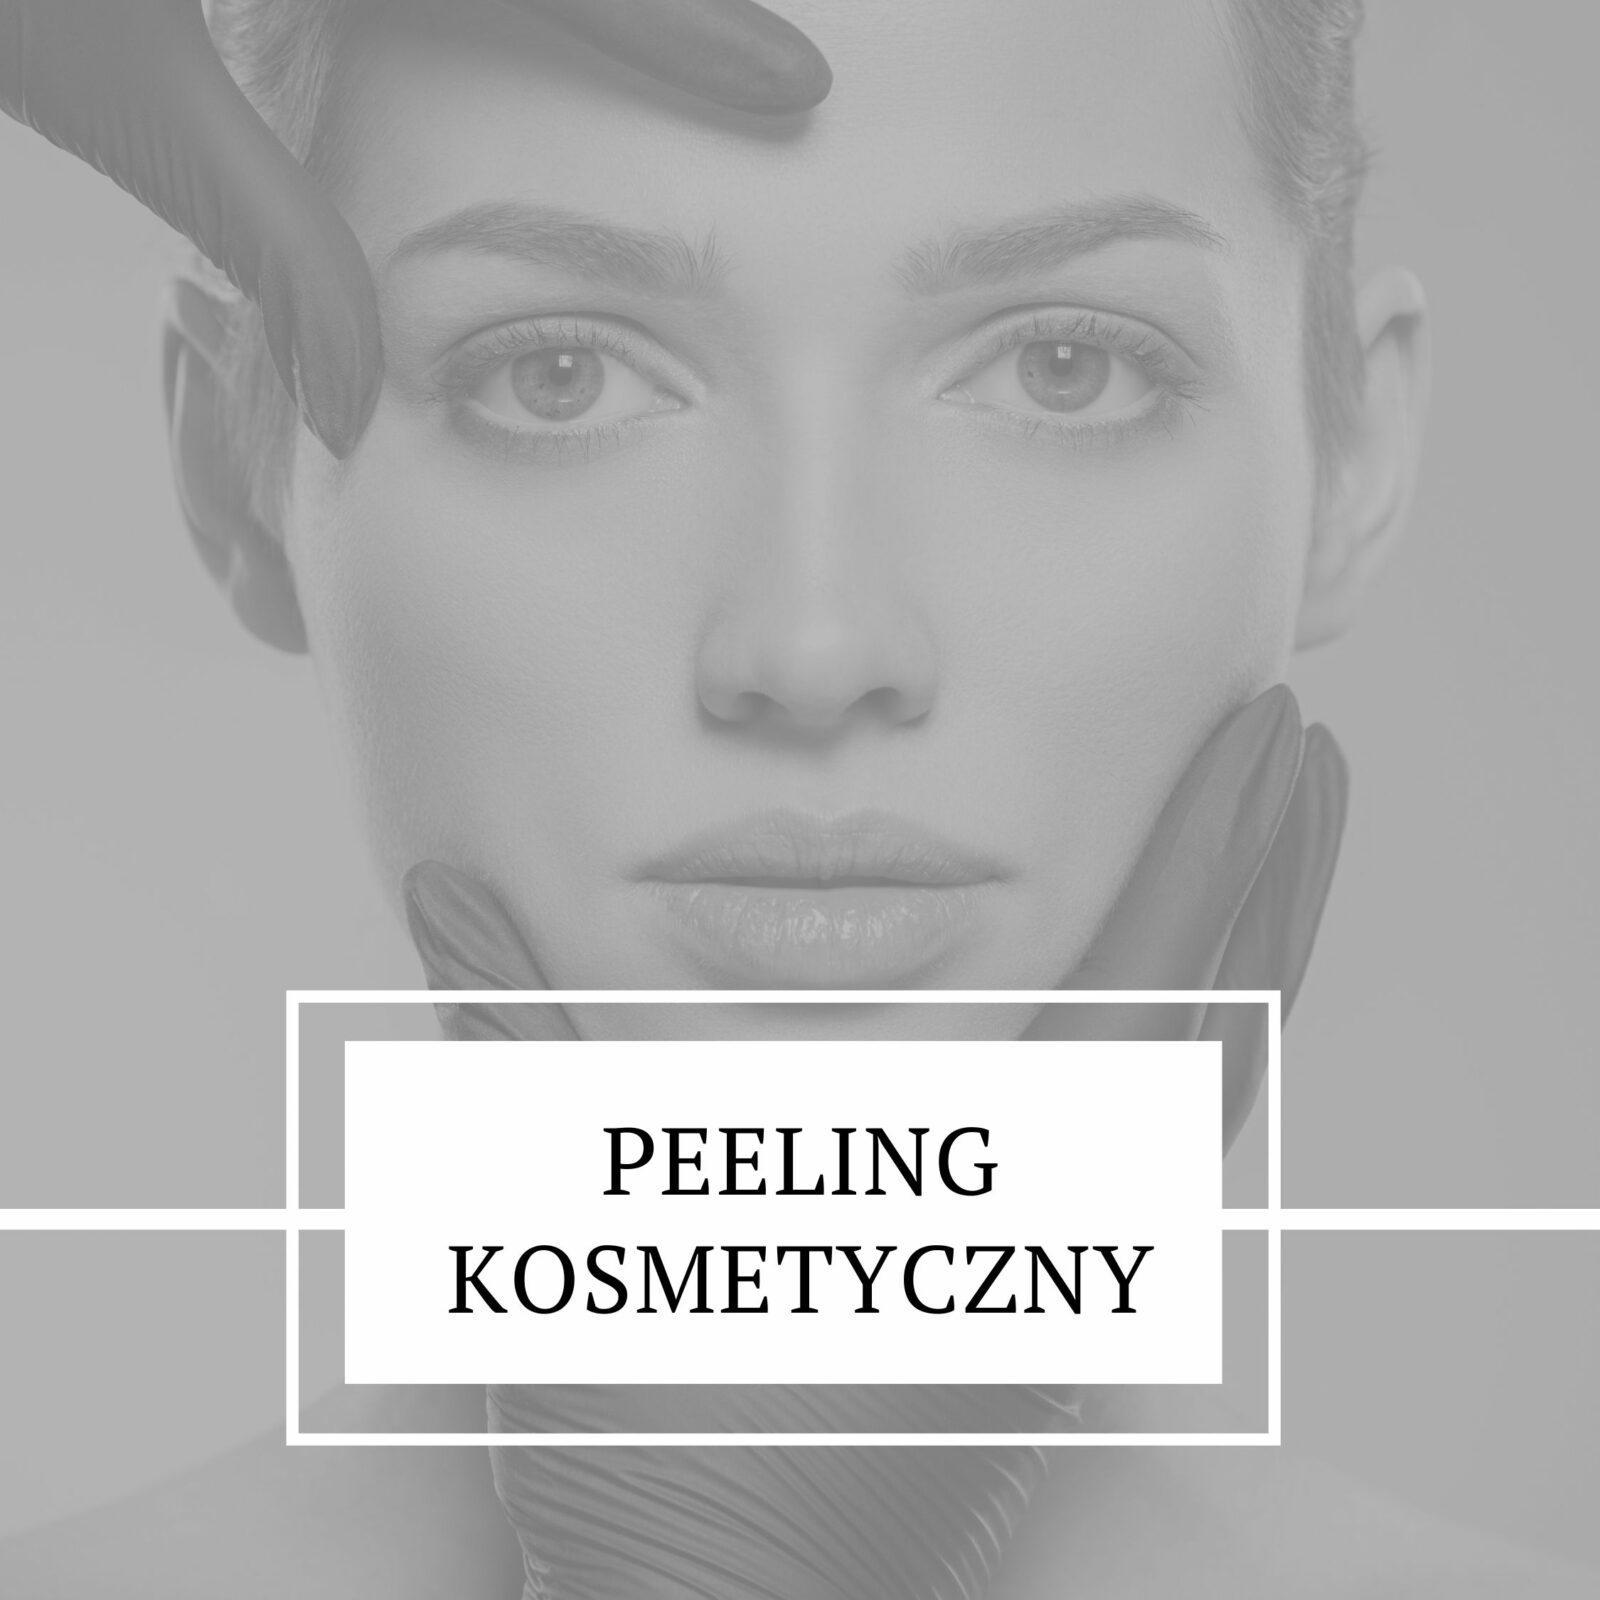 peeling kosmetyczny poznań